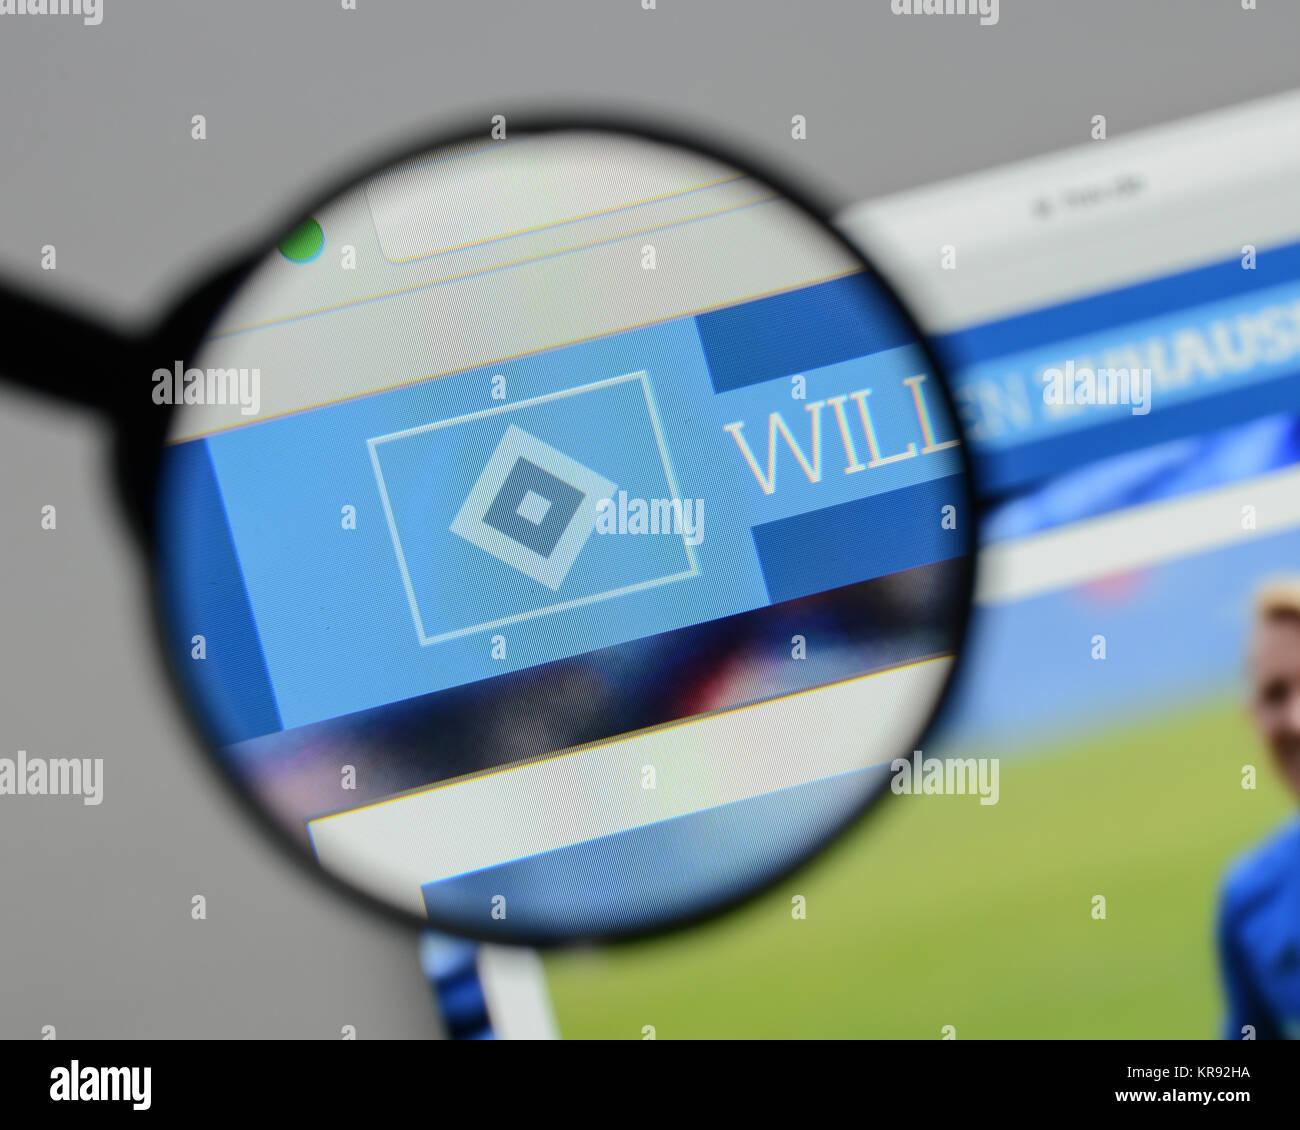 hsv logo stockfotos und bilder kaufen